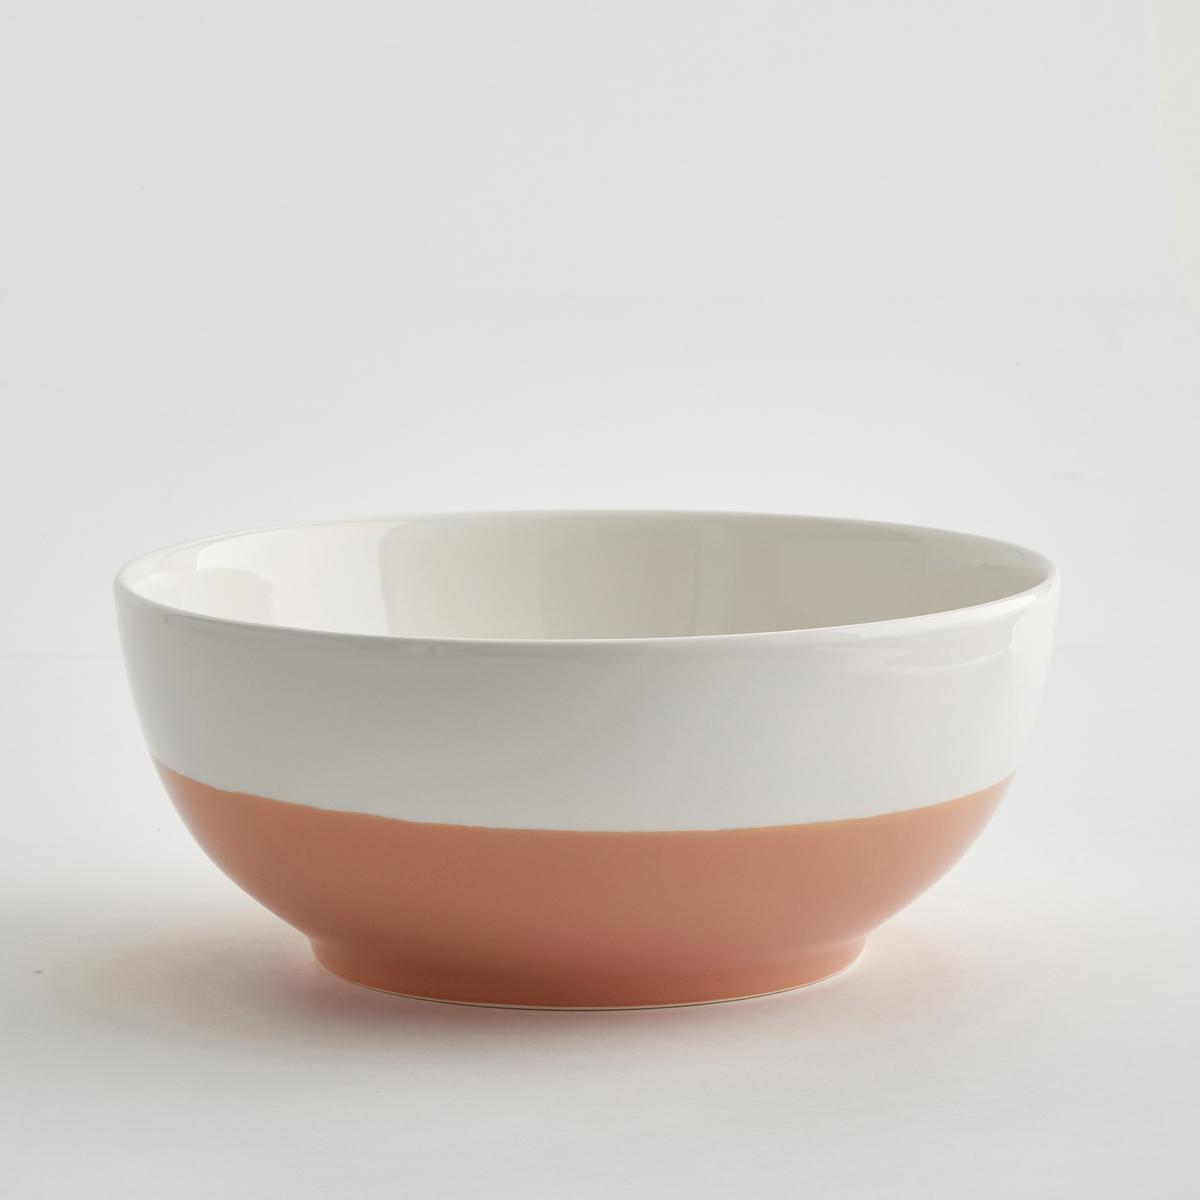 Салатница двухцветная из керамики, ZalatoХарактеристики двухцветной салатницы из керамики Zalato :Из керамики.Размеры двухцветной салатницы из керамики Zalato :Высота : 11 см.Диаметр. внизу : 16 см.Диаметр. вверху : 28 см.Цвета двухцветной салатницы из керамики Zalato :Белый / синий.Белый / розовый.Белый / зеленый.  Другие салатницы и предметы декора стола вы можете найти на сайте laredoute.ru<br><br>Цвет: белый + светло-зеленый,белый/ розовая пудра,белый/синий глубокий<br>Размер: единый размер